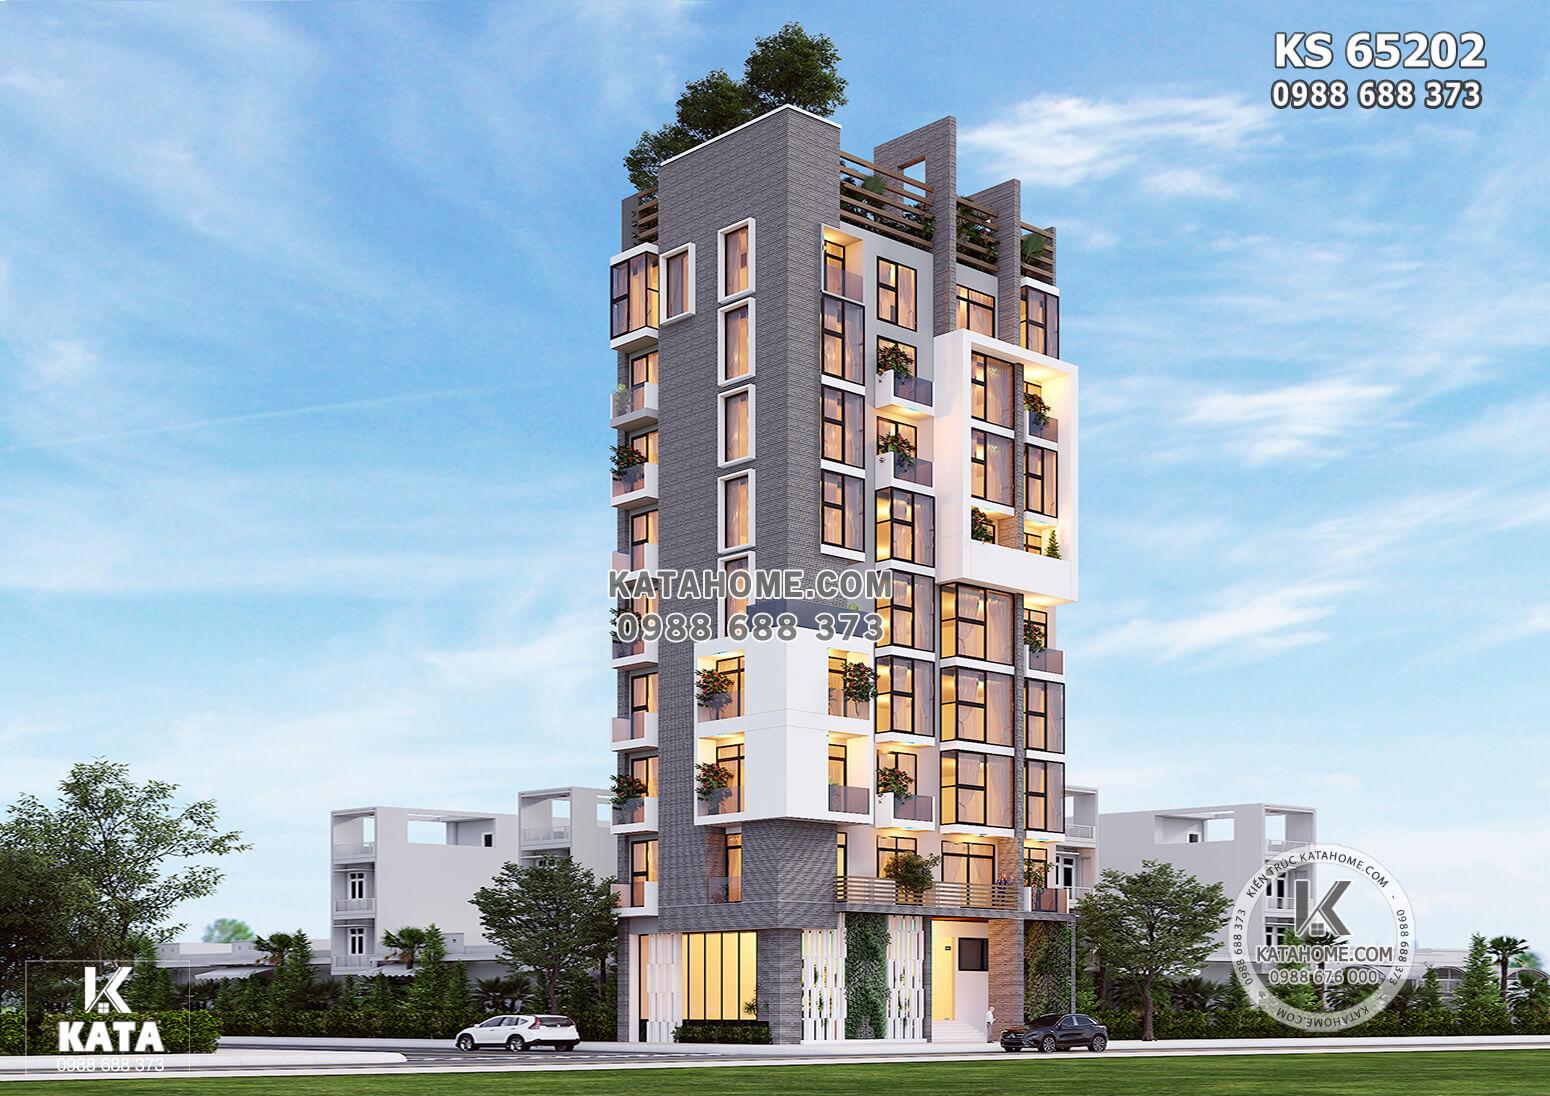 Hình ảnh: Không gian kiến trúc hiện đại của mẫu thiết kế khách sạn đẹp - KS 65202